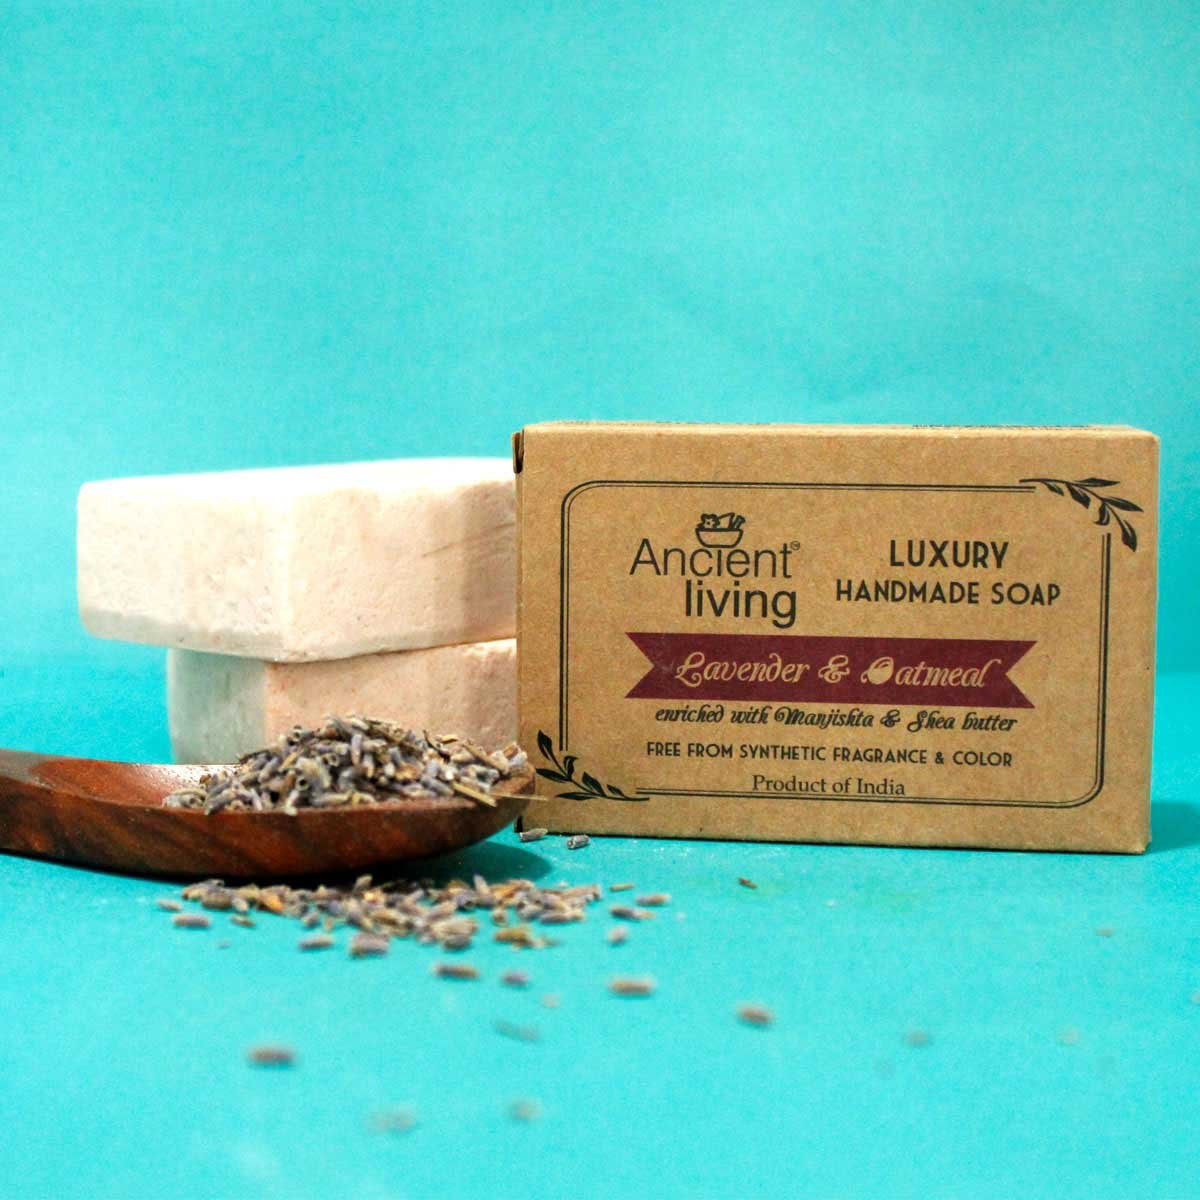 Lavender & Oatmeal Handmade Soap